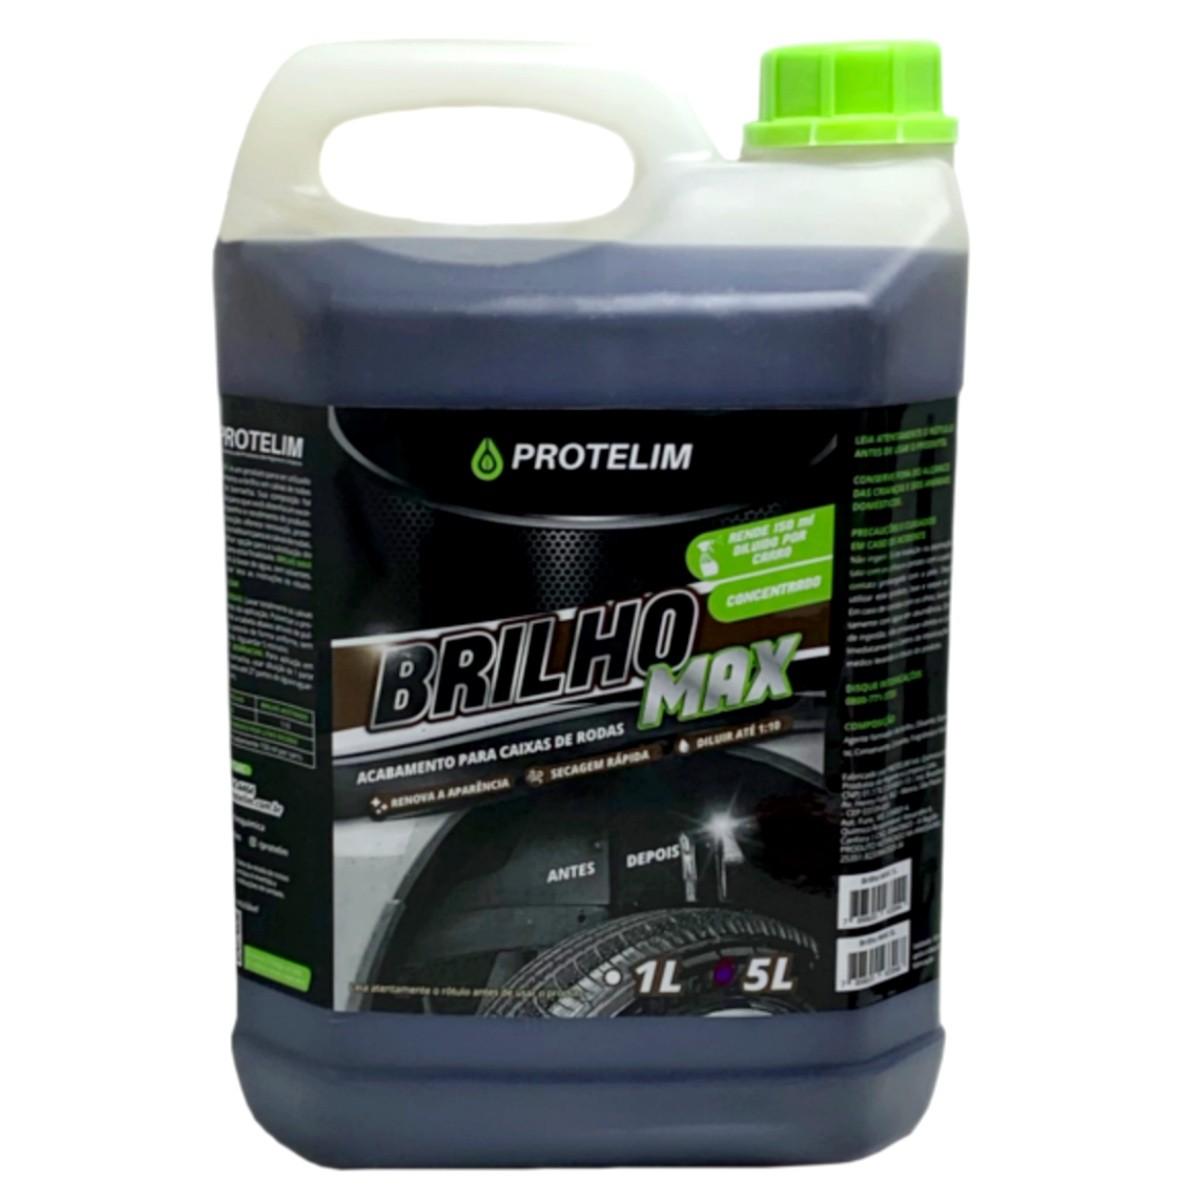 Prot Brilho Max 5L (BRINDE Escova Caixa de Rodas Grande)